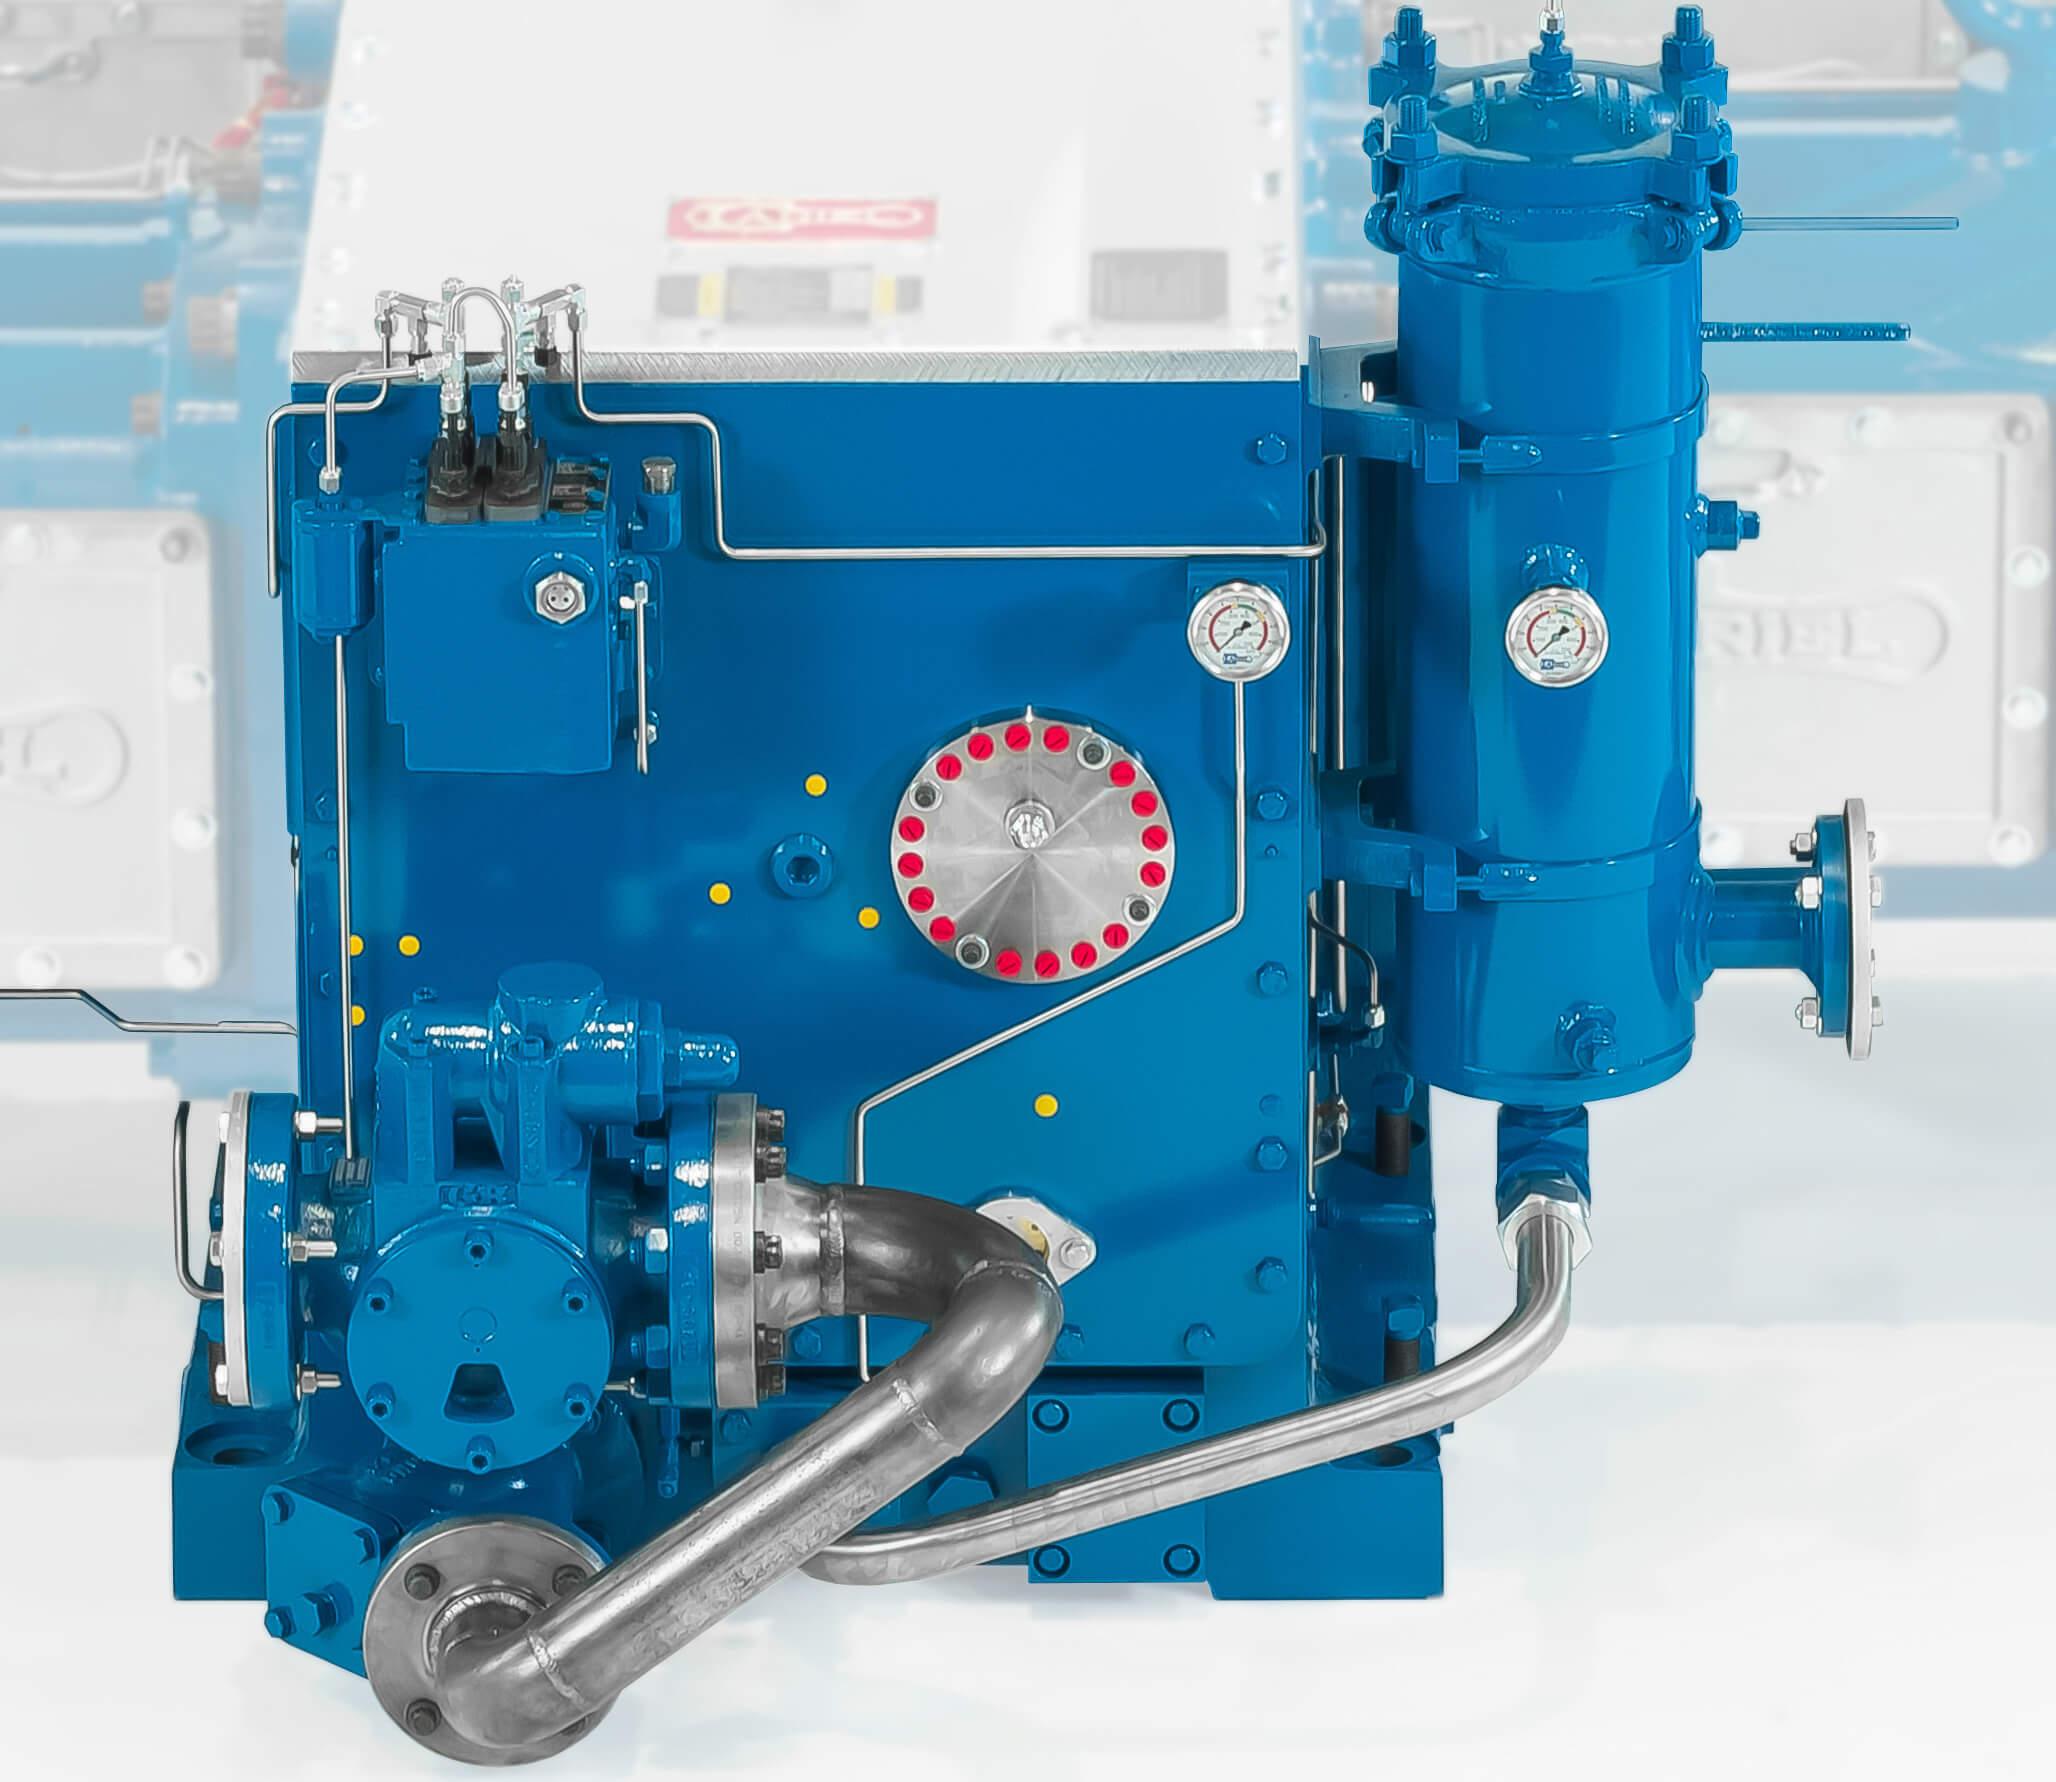 Jgc Jgd Jgf Reciprocating Gas Compressors Ariel